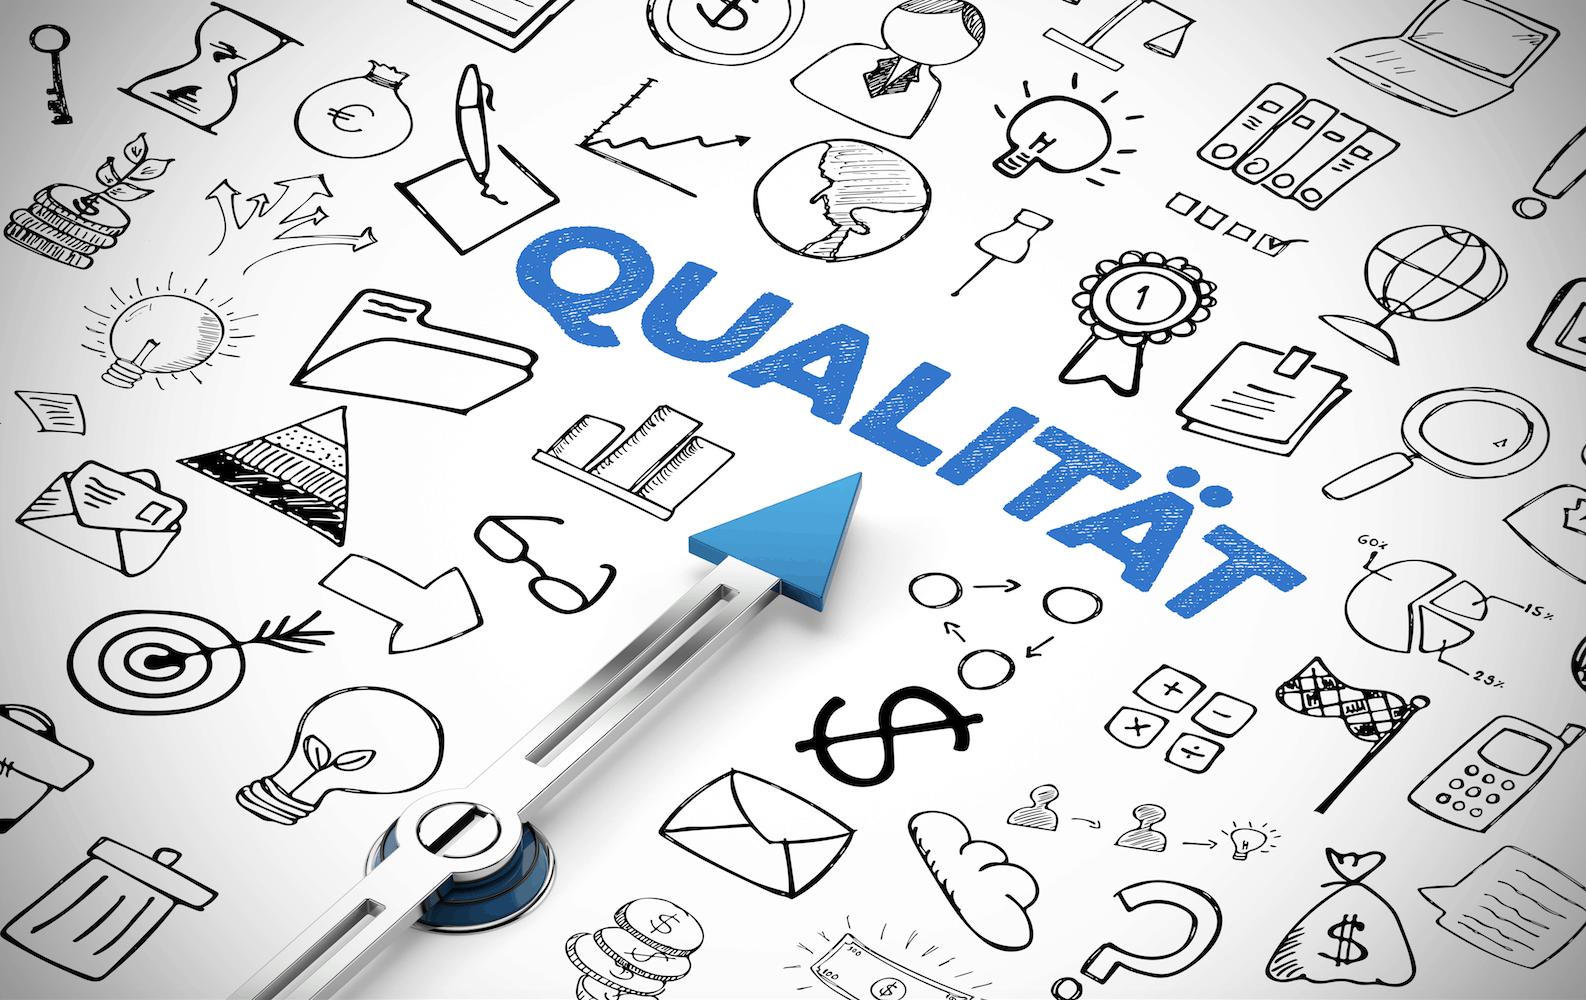 Ab dem 1. April für alle verbindlich: Die neue DIN EN ISO 13485:2016 wird umgesetzt